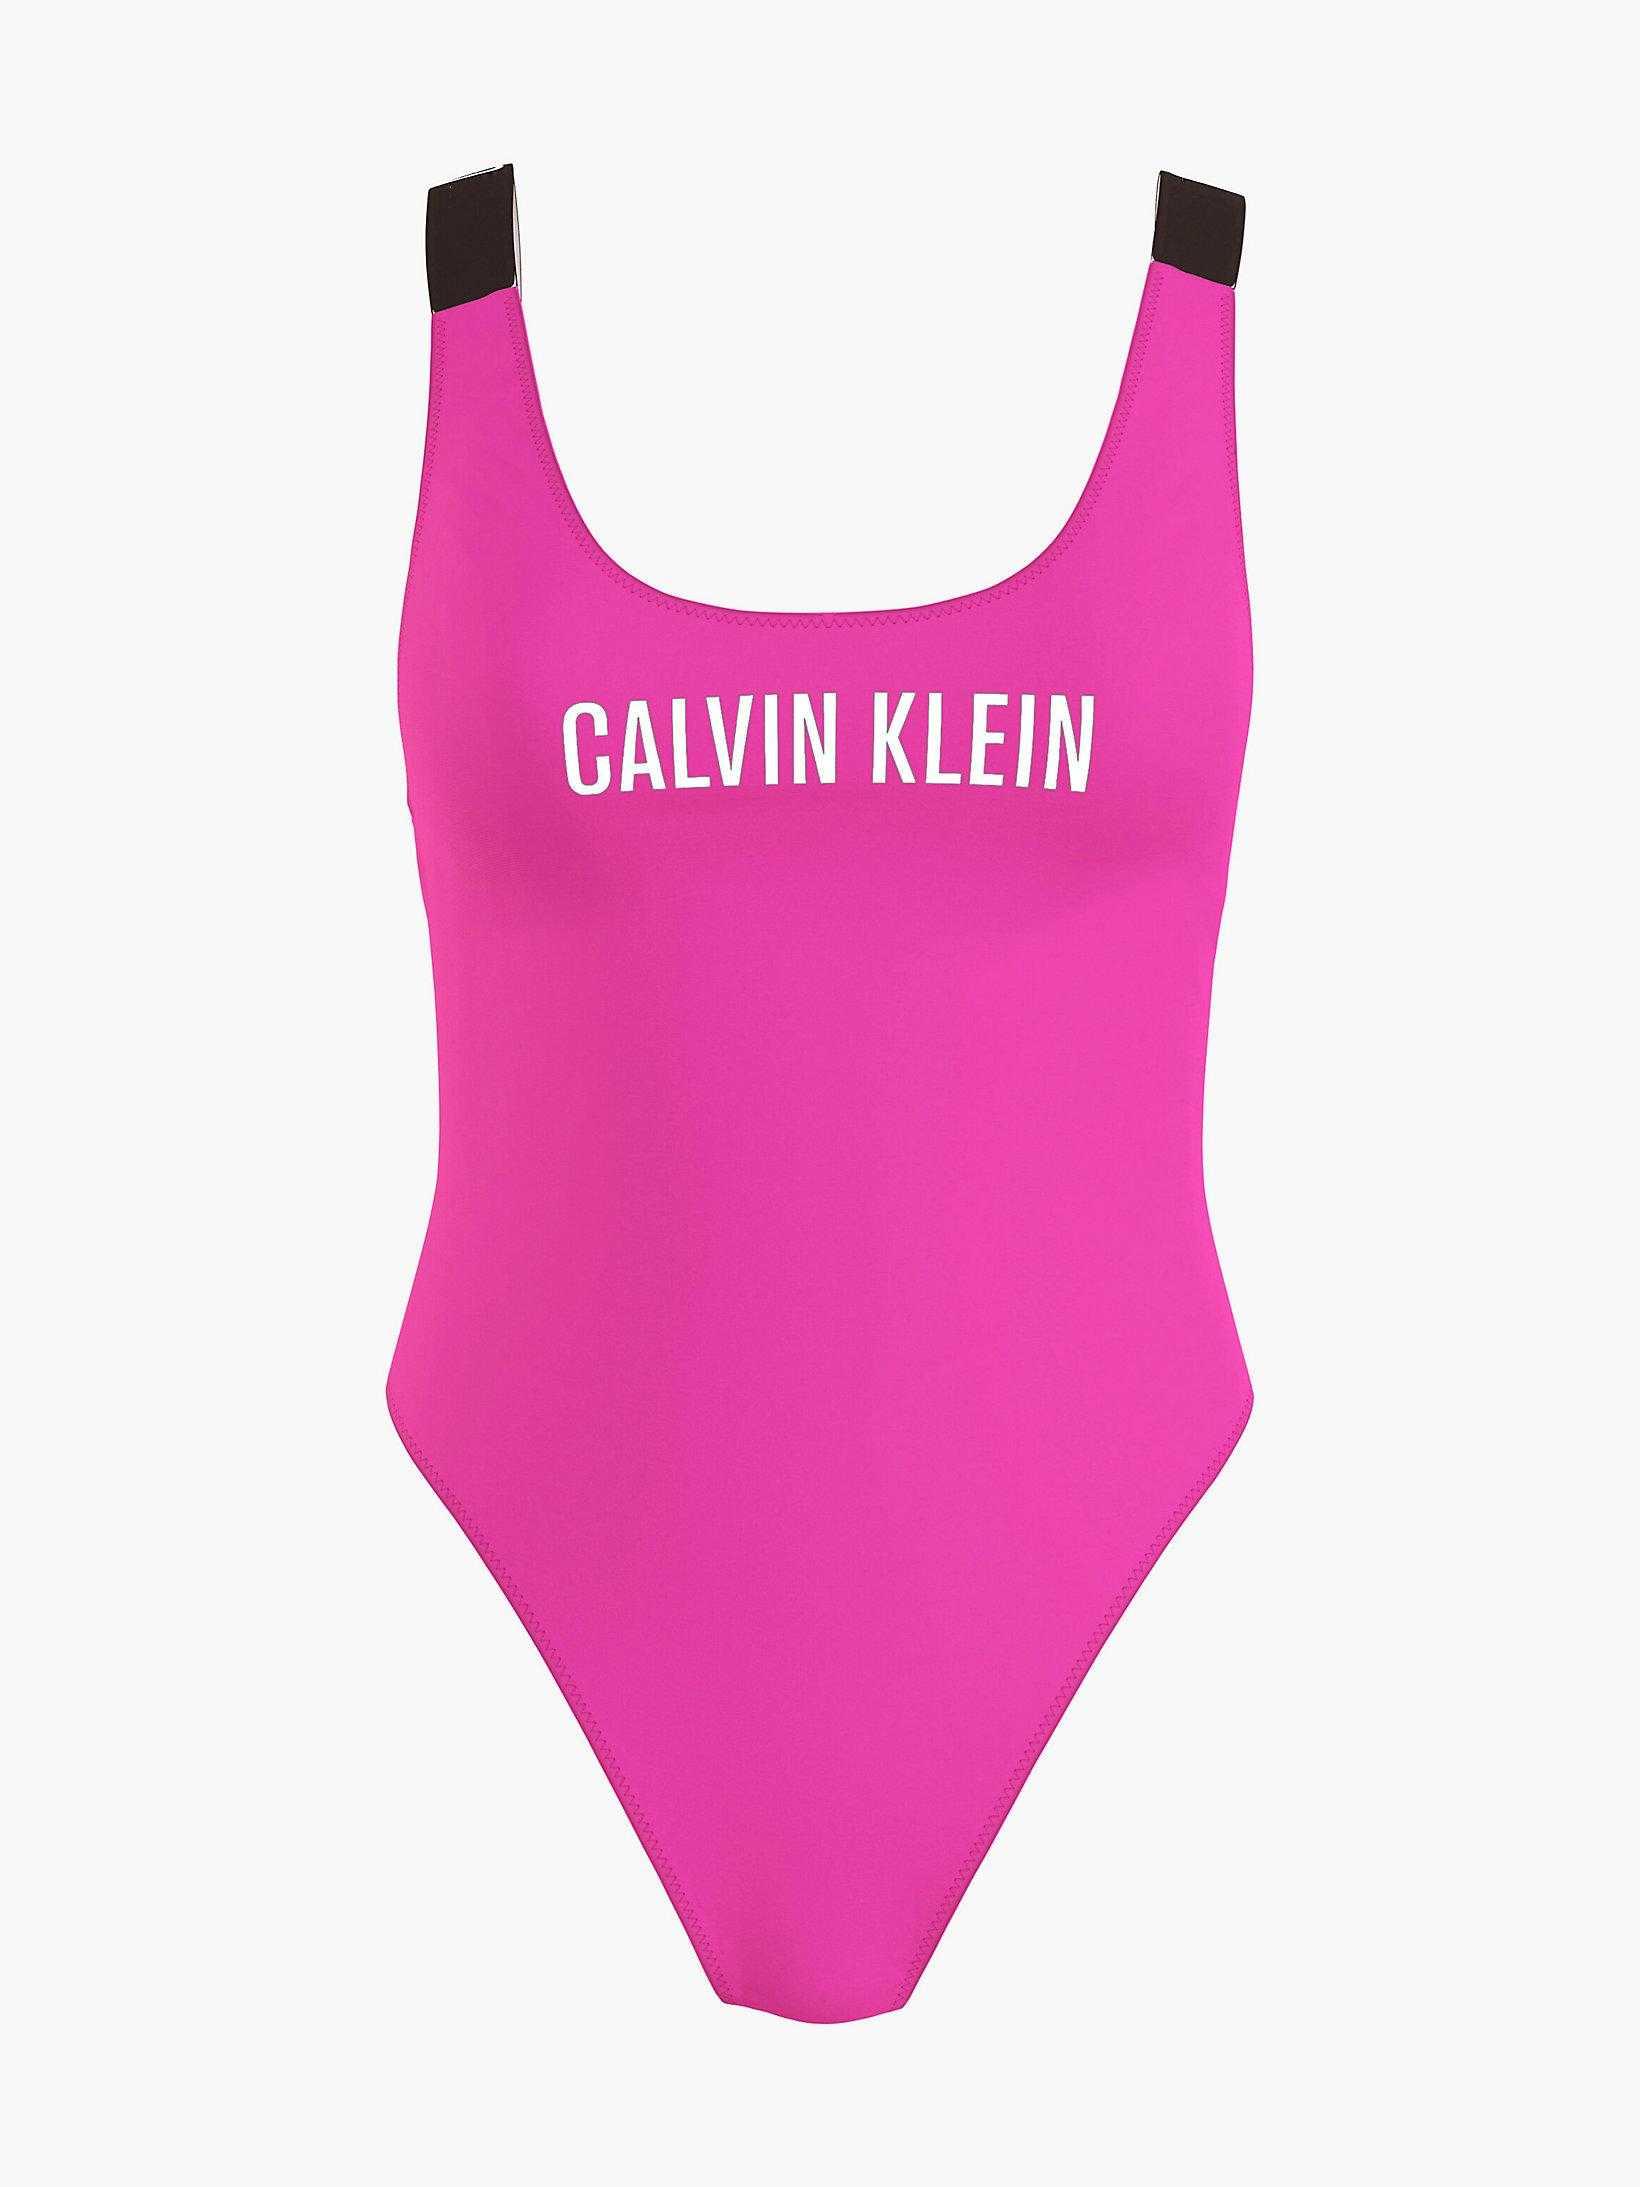 Bañador Calvin Klein Intense Power